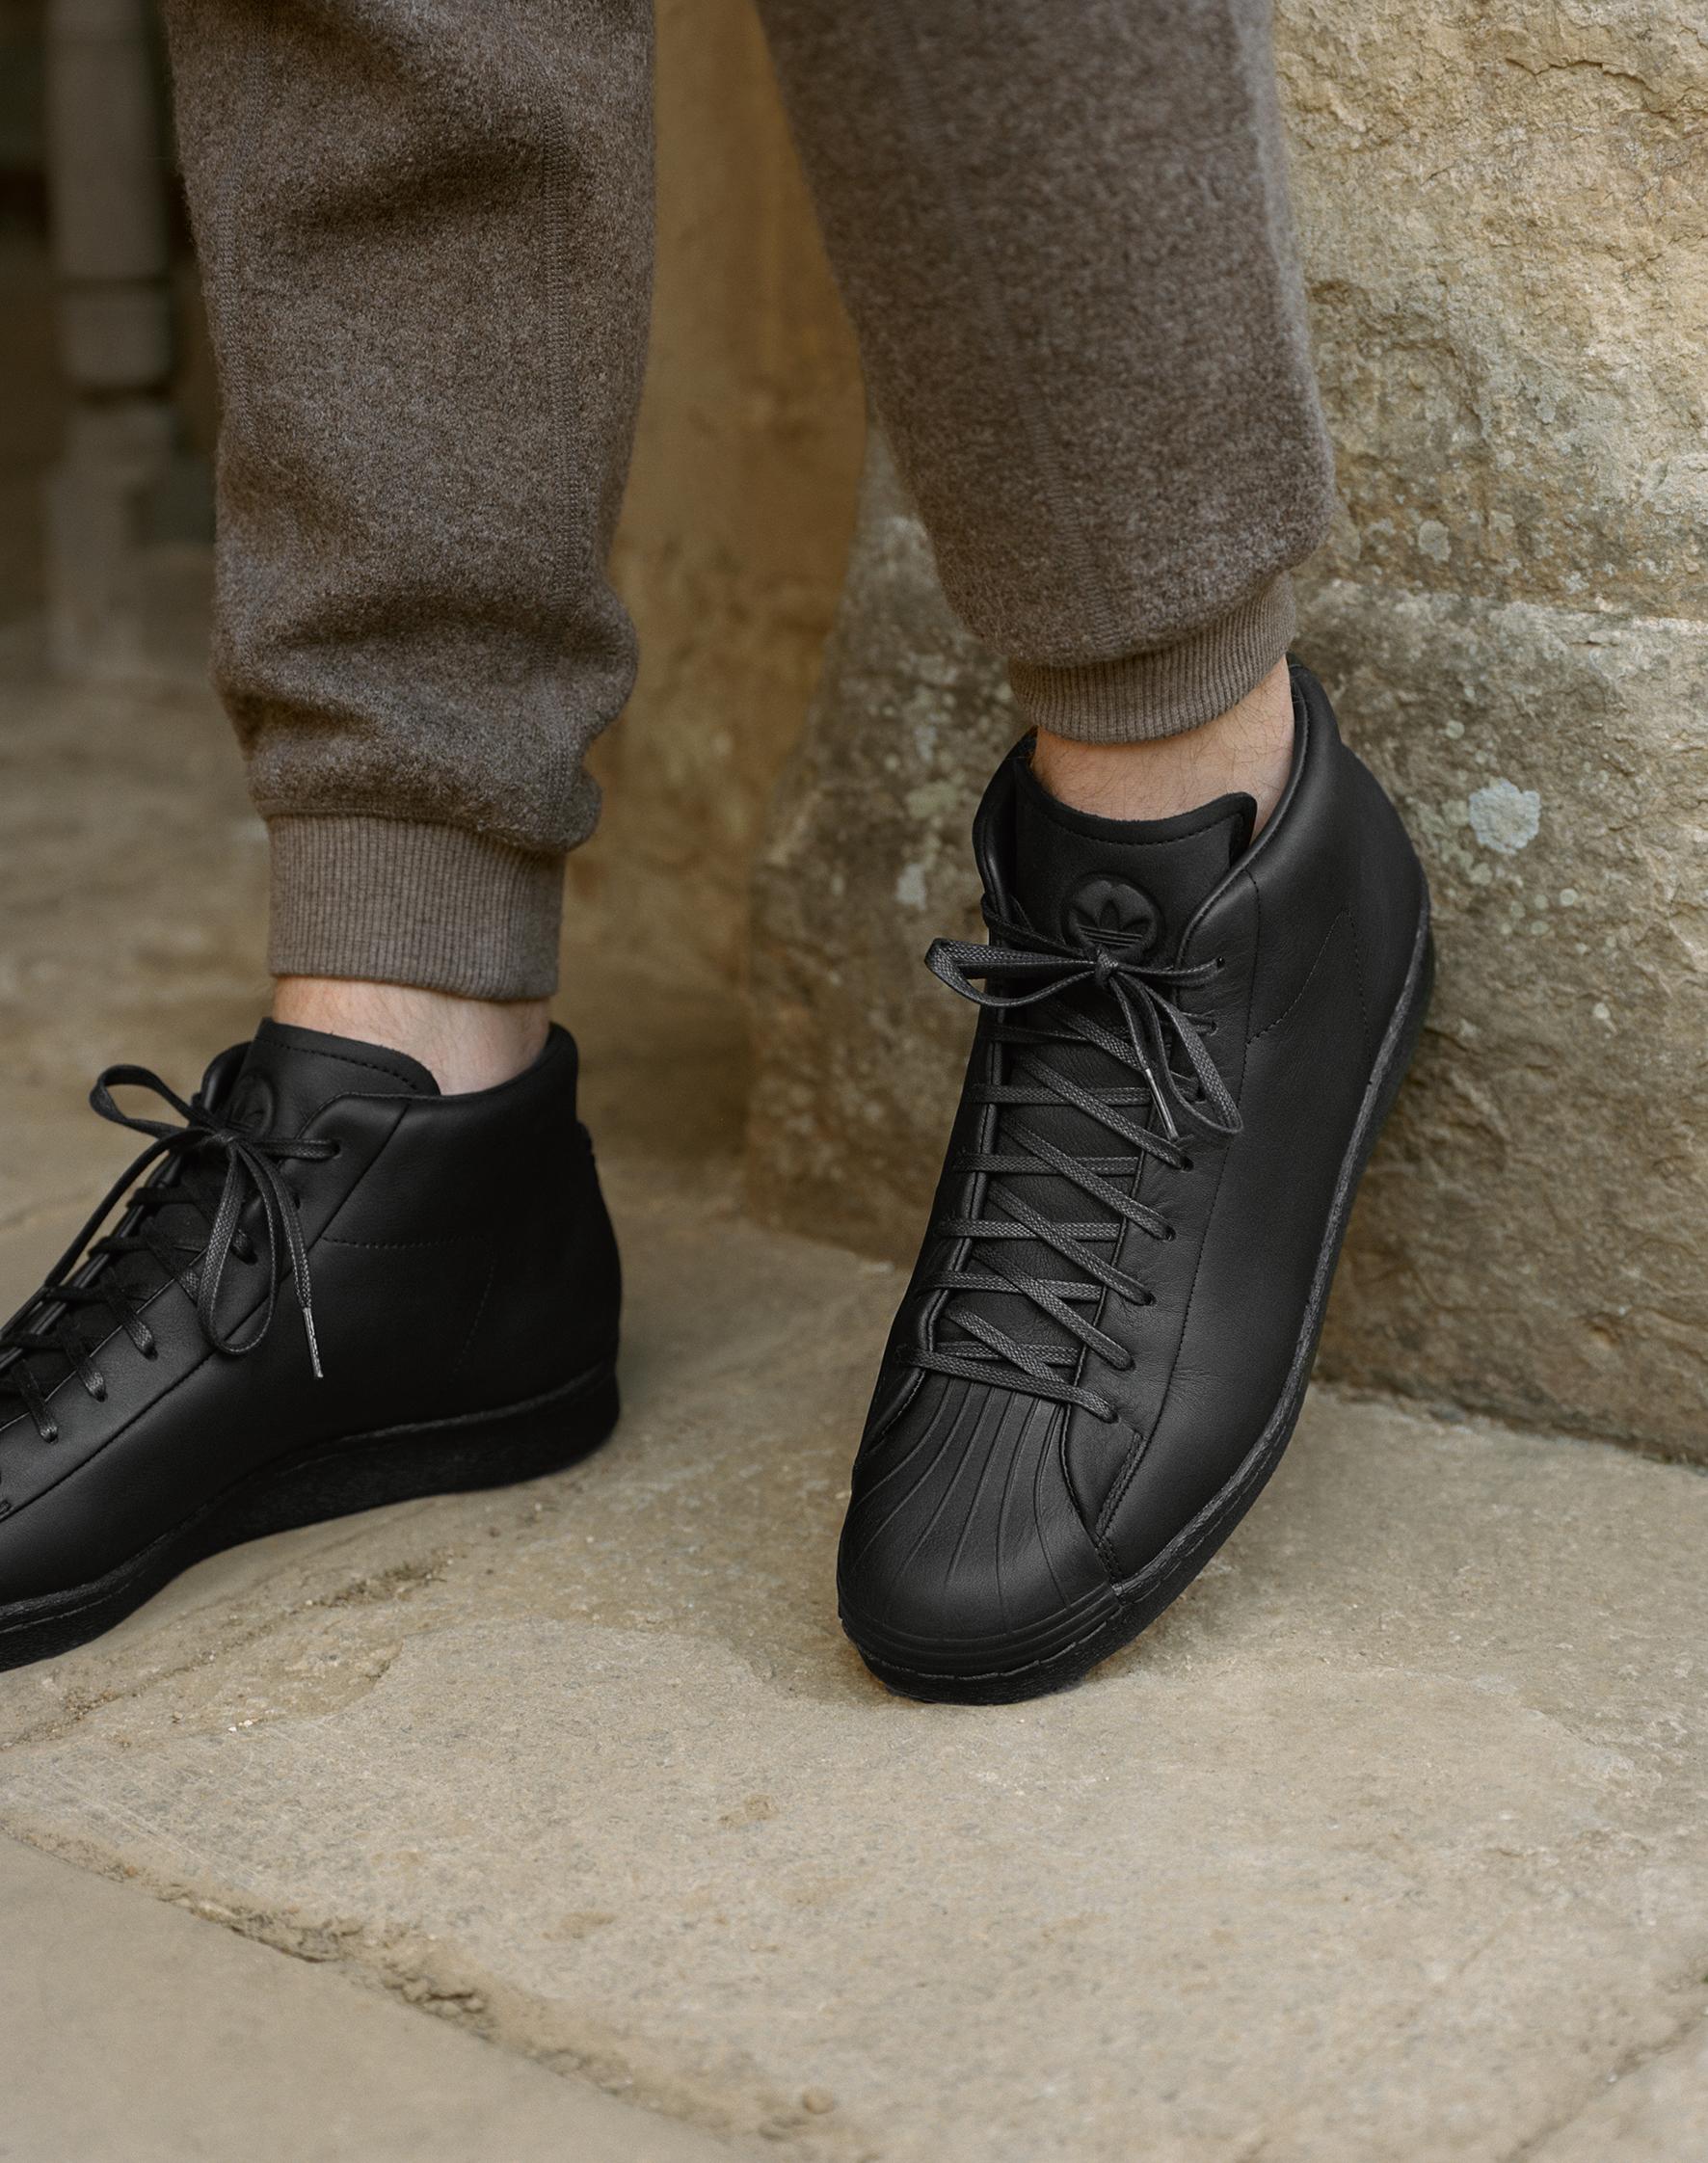 BL_Adidas_R40_F11 001